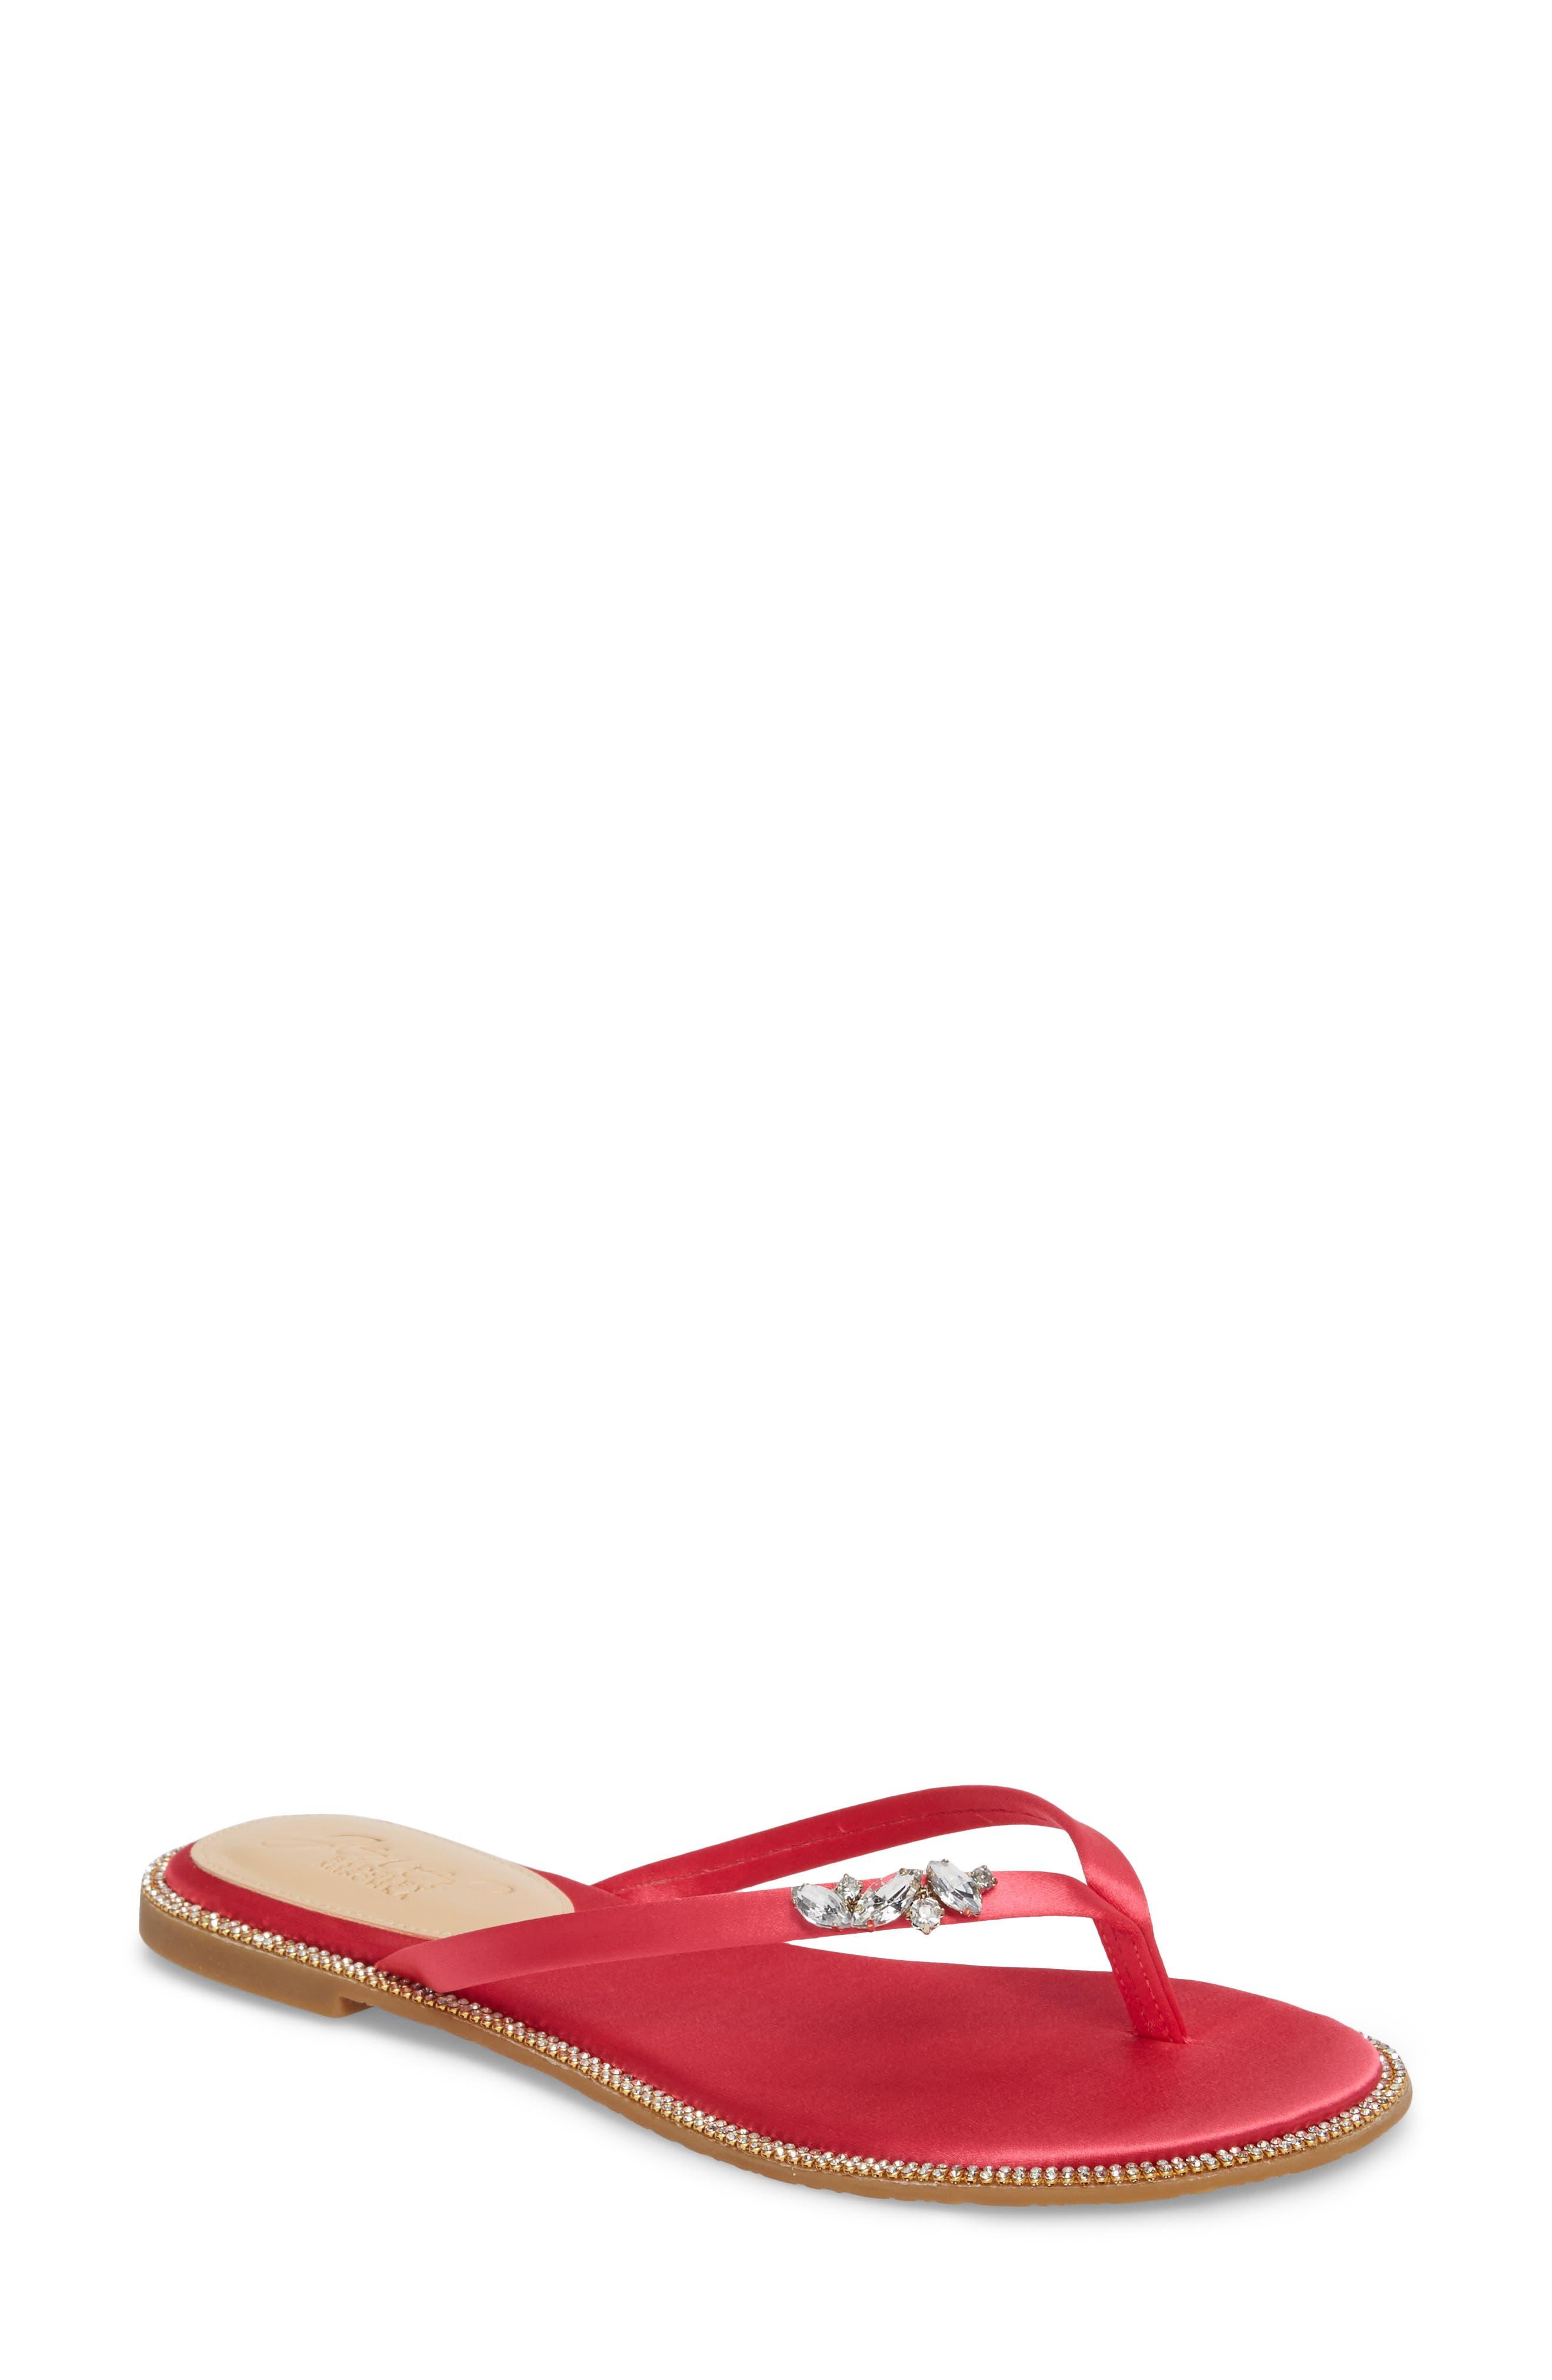 Thalia Crystal Embellished Flip Flop,                         Main,                         color, Pink Leather